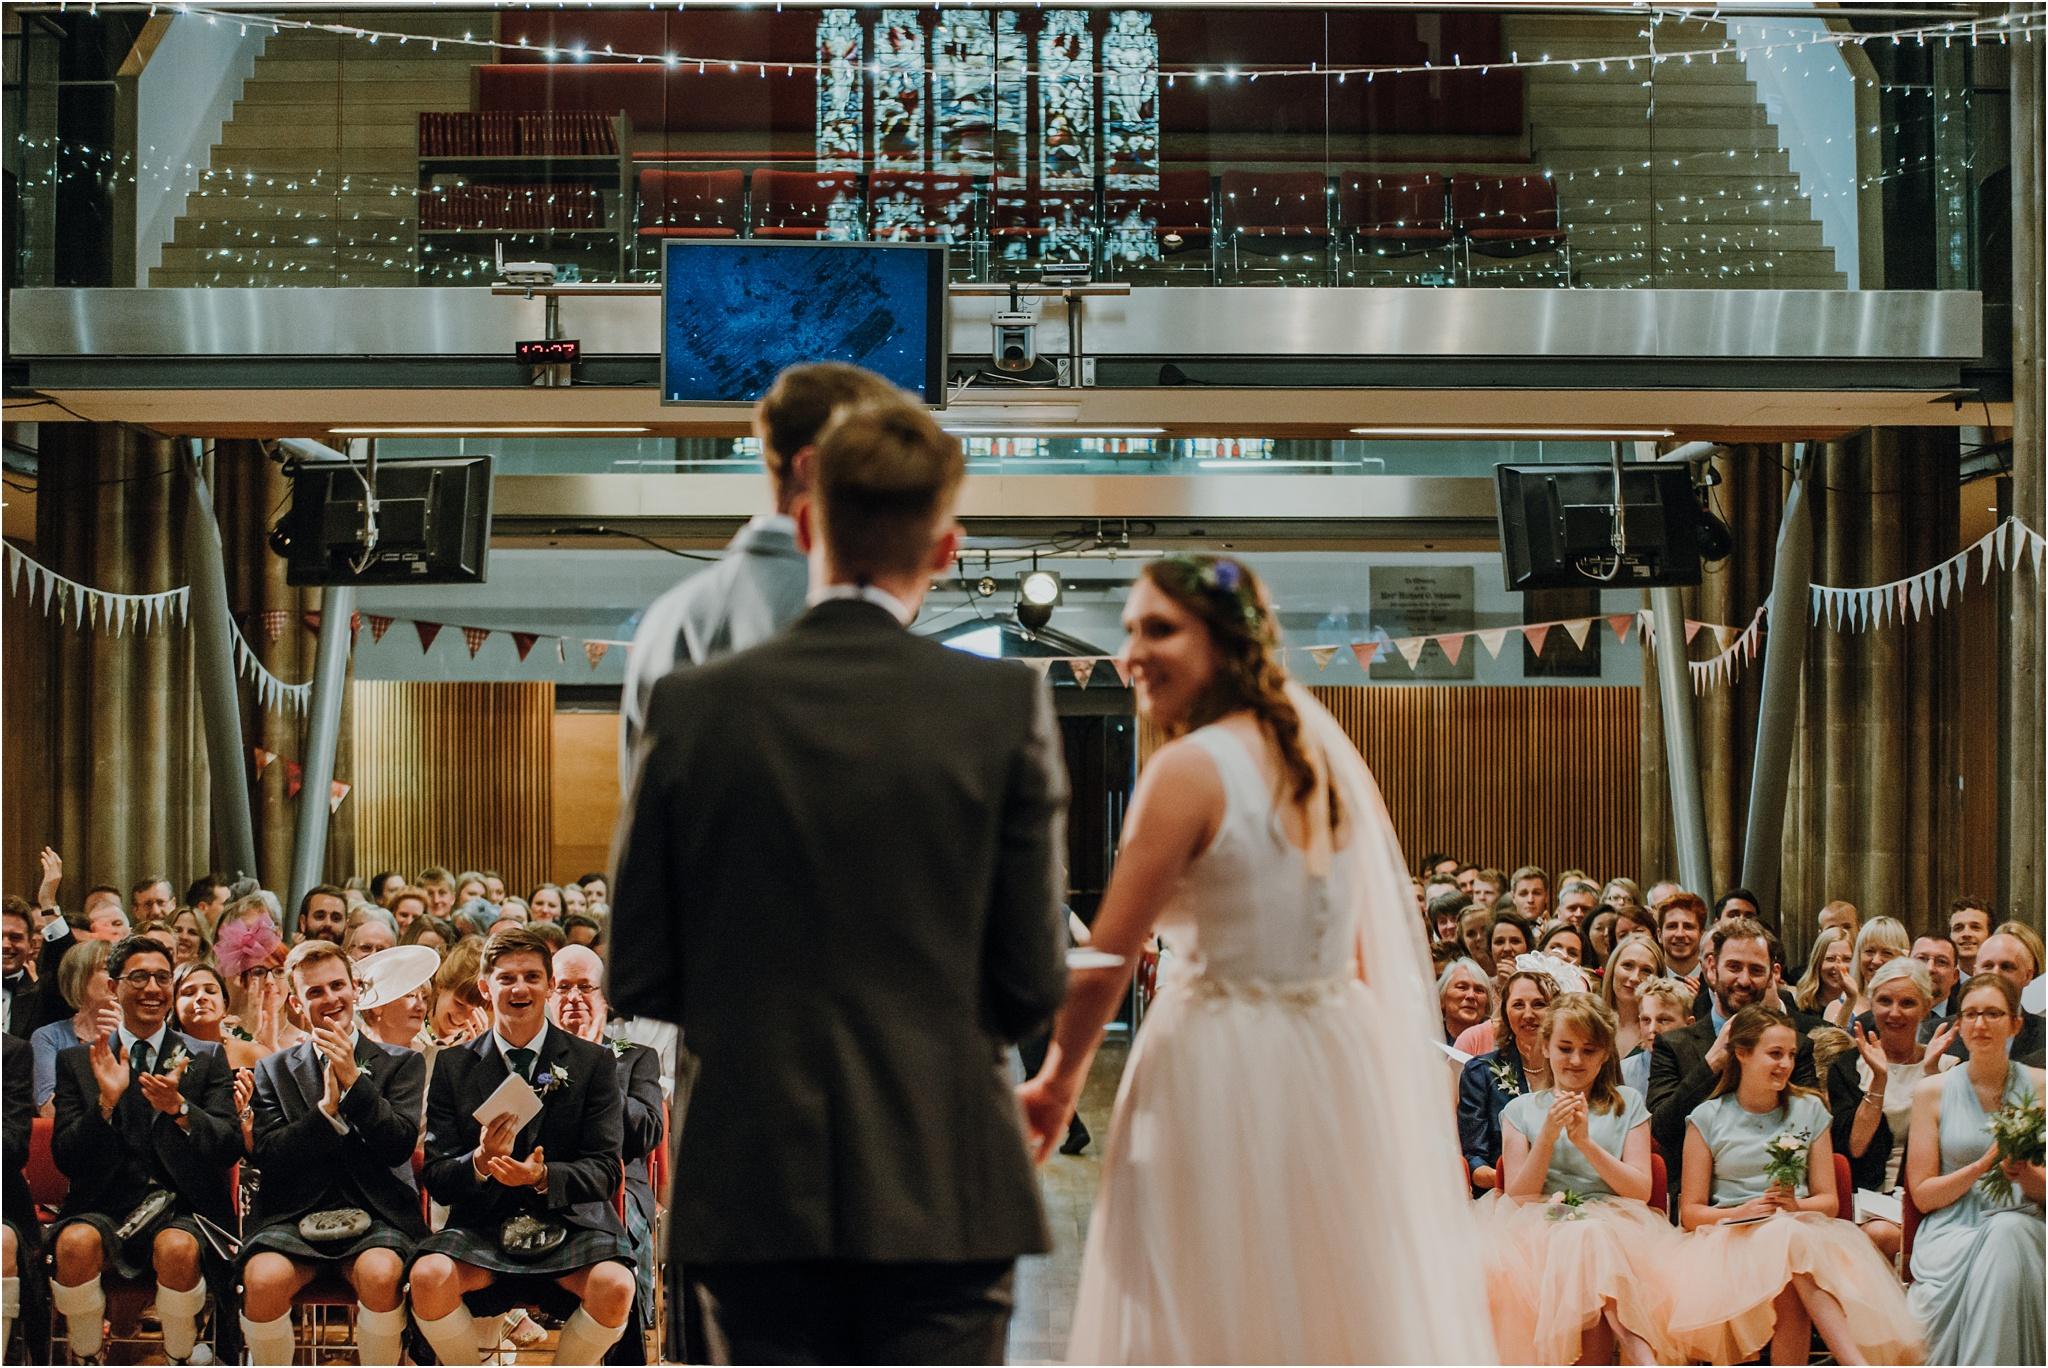 Edinburgh-barn-wedding-photographer_41.jpg